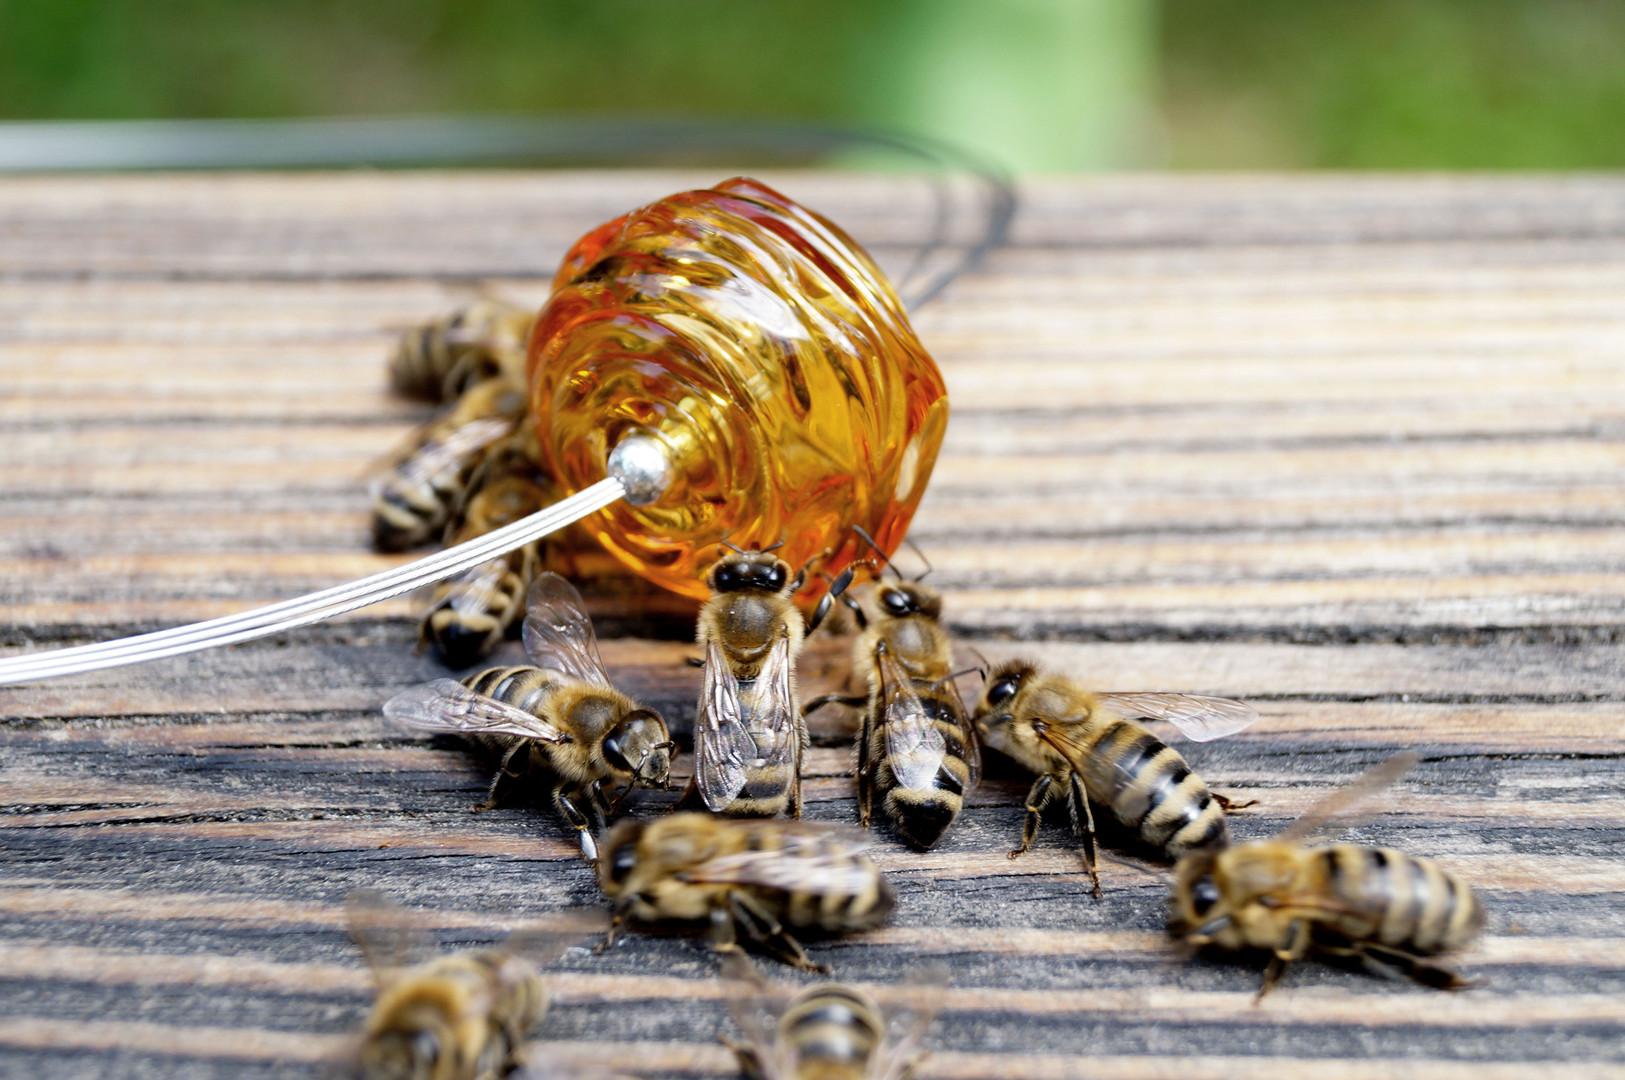 Den Bienen gefällt wohl die Honig-Perle.